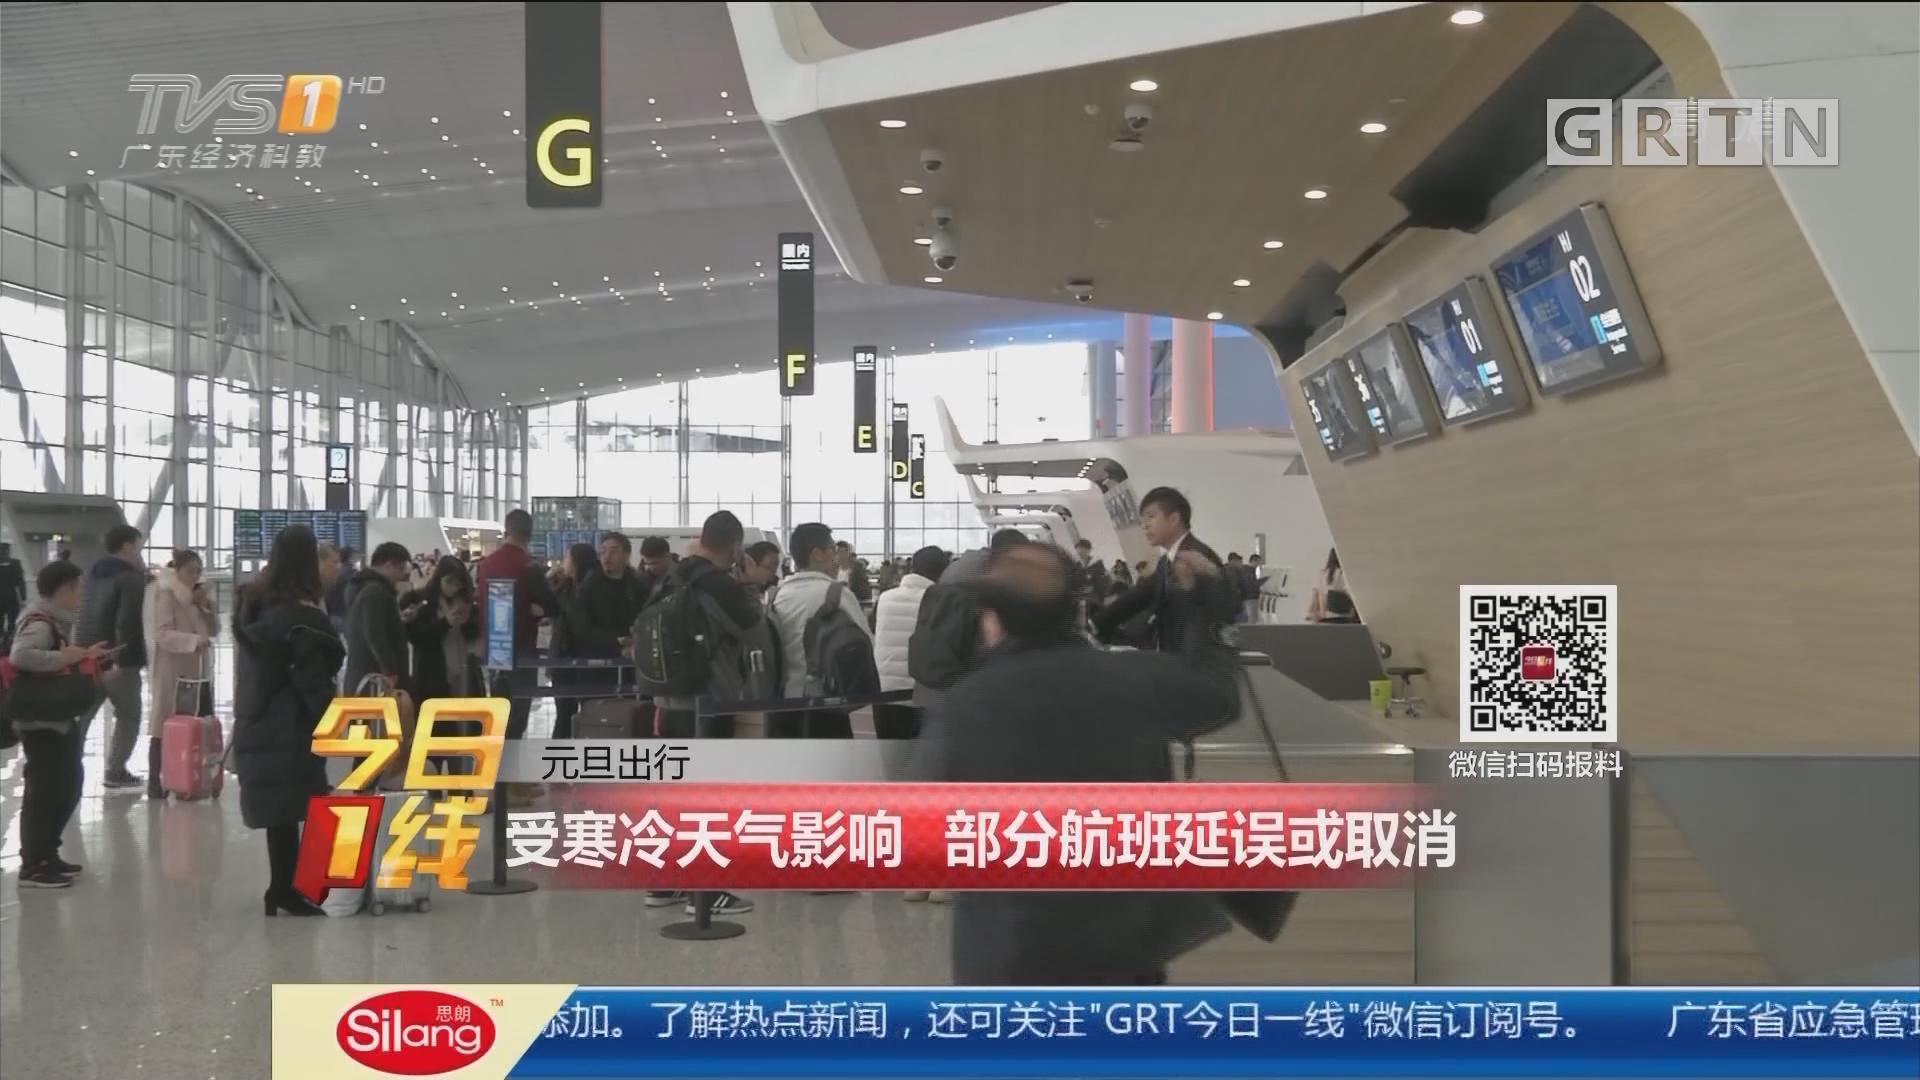 元旦出行:受寒冷天气影响 部分航班延误或取消